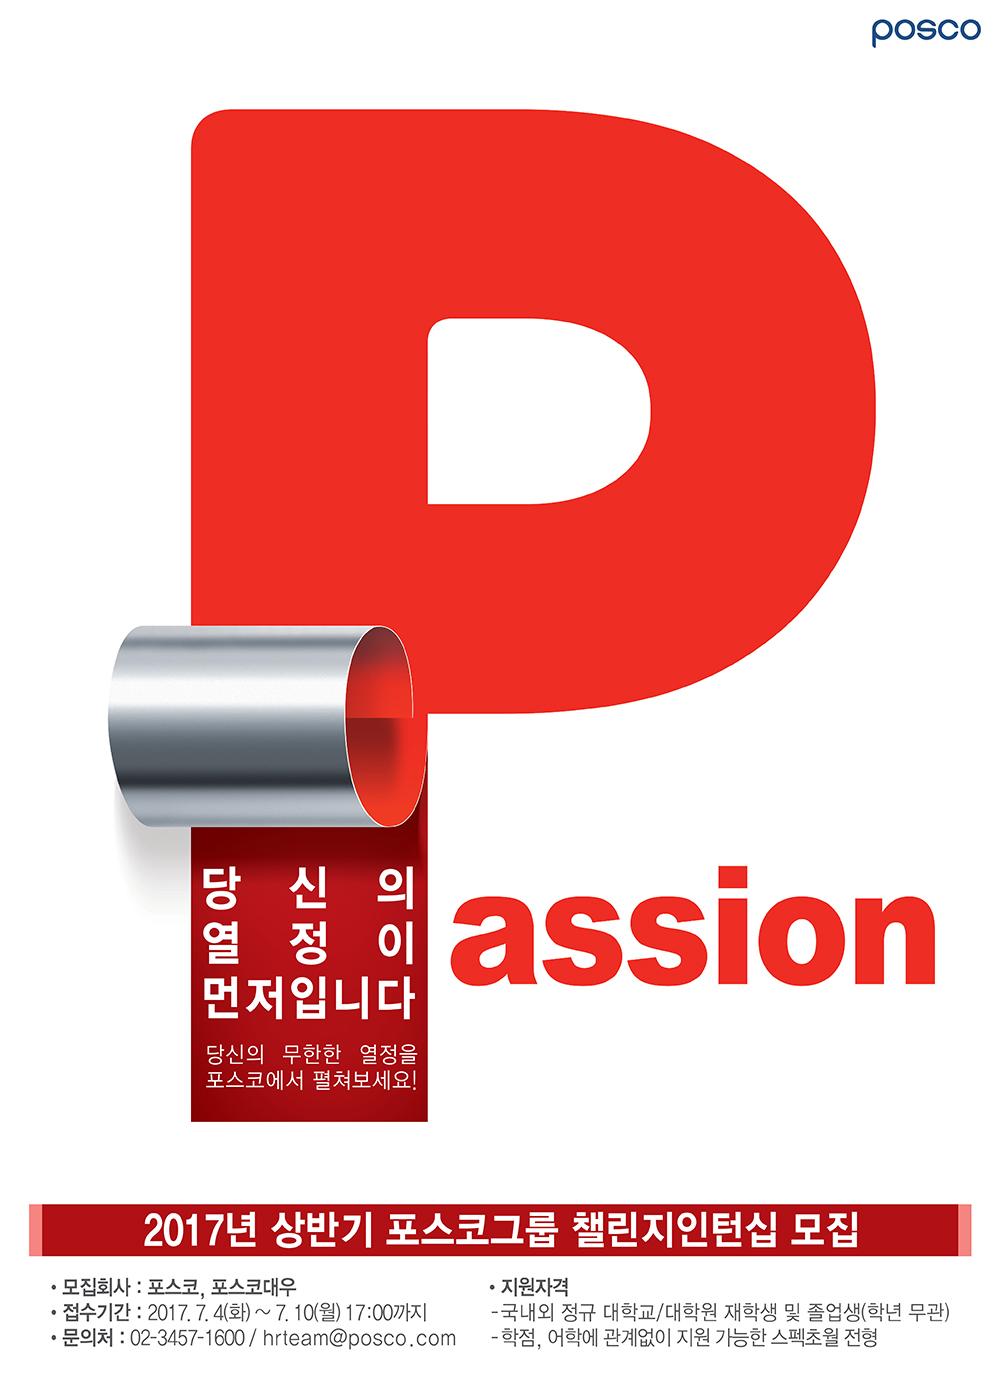 Passion, 당신의 열정이 먼저입니다. 당신의 무한한 열정을 포스코에서 펼쳐보세요! 2017 상반기 포스코그룹 챌린지인턴십 모집. 모집회사: 포스코, 포스코대우, 접수기간: 2017.7.4(화)~7.10(월) 17:00 까지, 문의처: 02-3457-1600 / hrteam@posco.com, 지원자격: 국내외정규 대학교/대학원 재학생 및 졸업생 (학년 무관), 학점, 어학에 관계없이 지원 가능한 스펙초월 전형